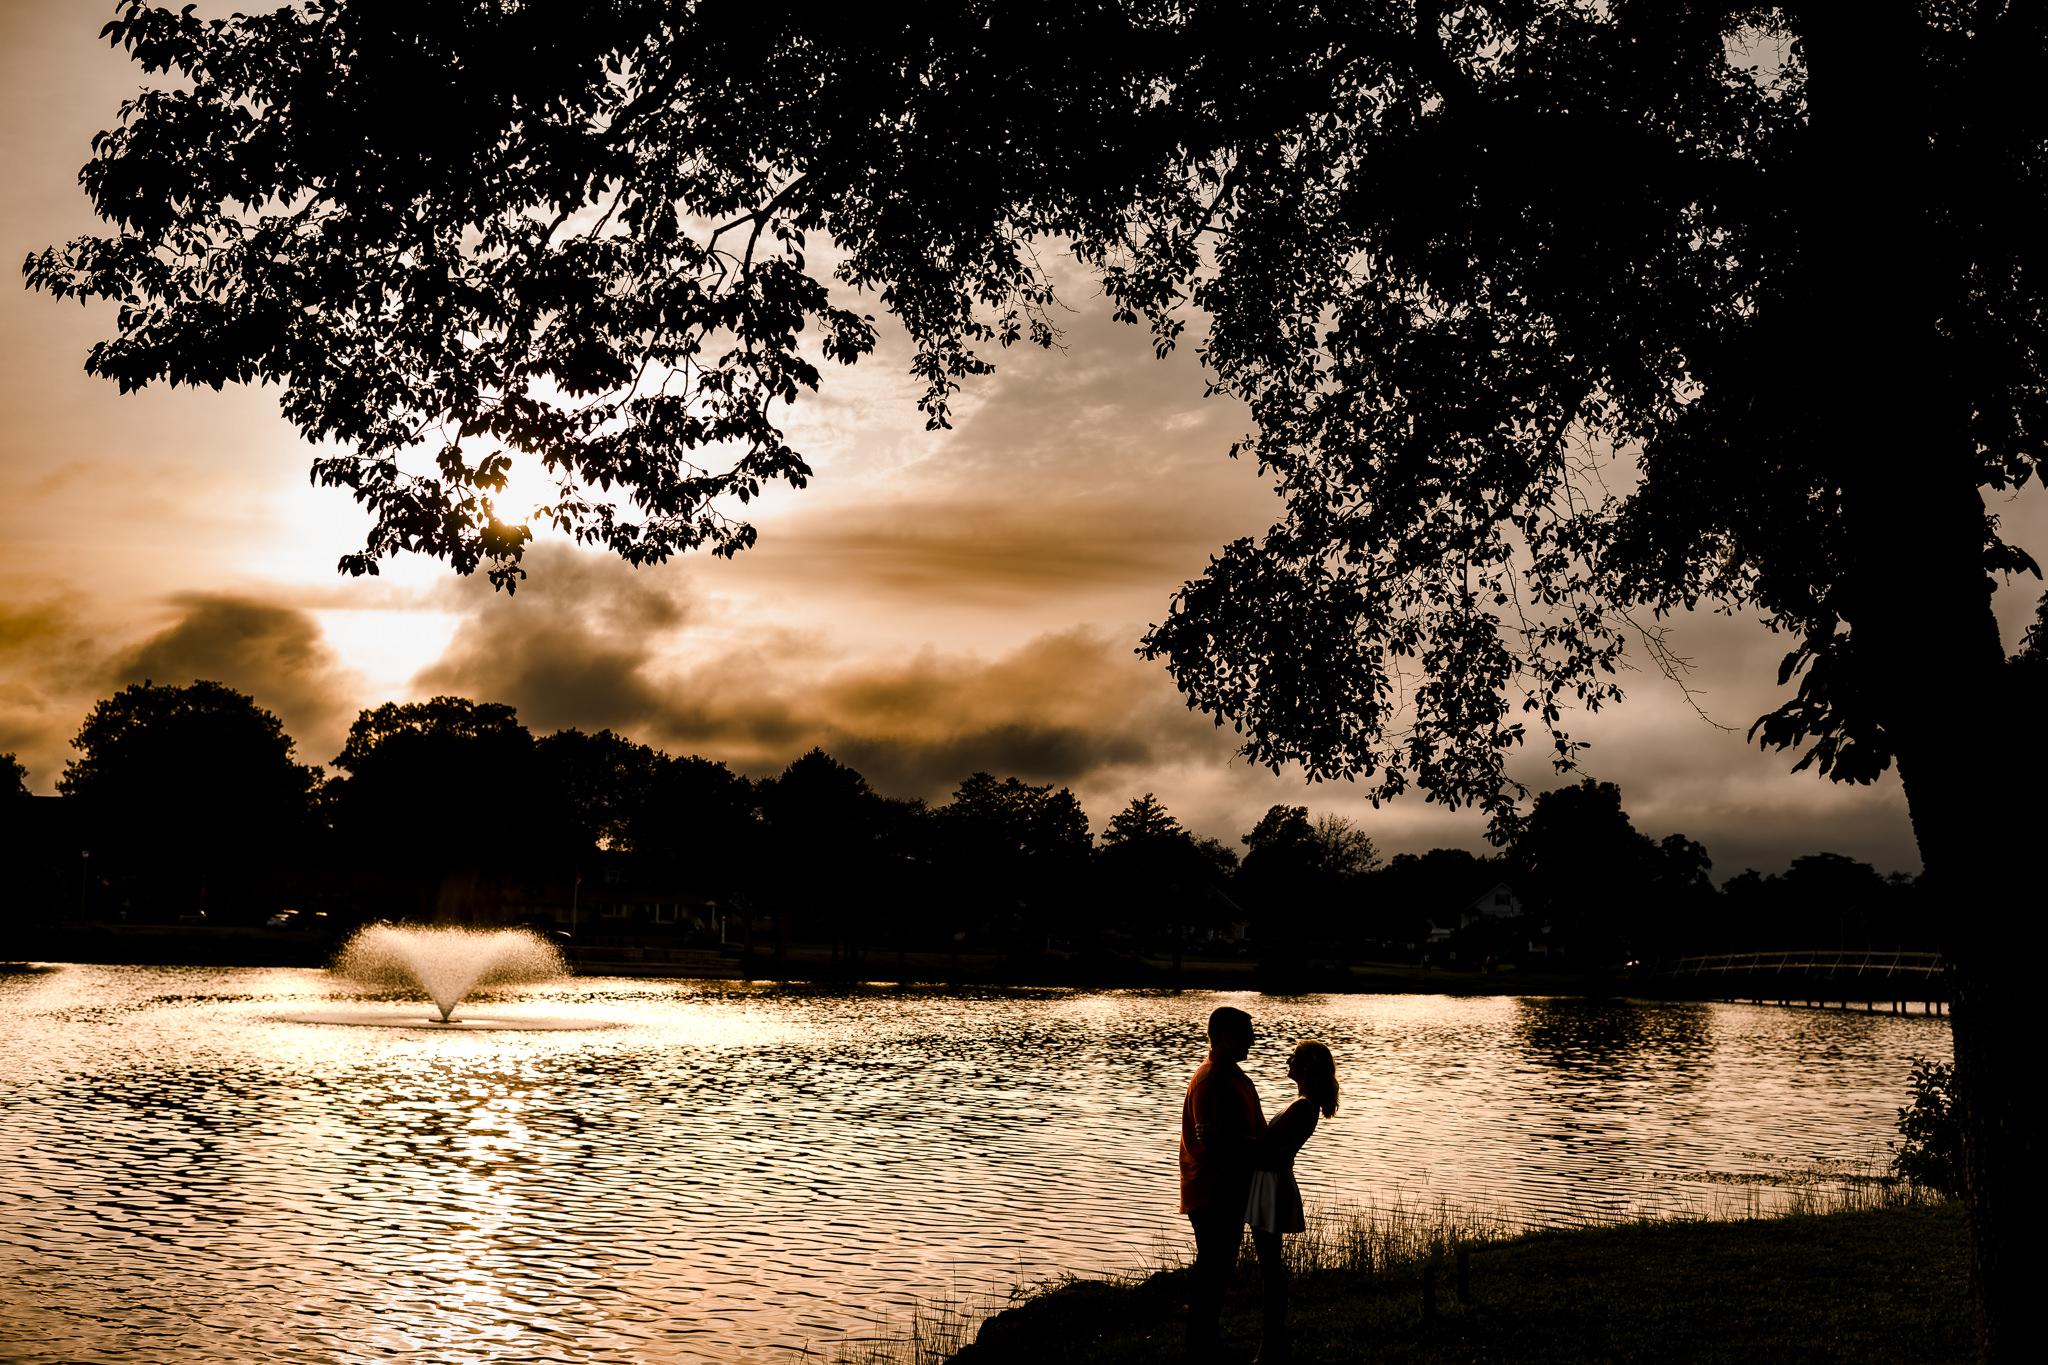 Marko-Spring-Lake-Engagement-Photos-04.JPG